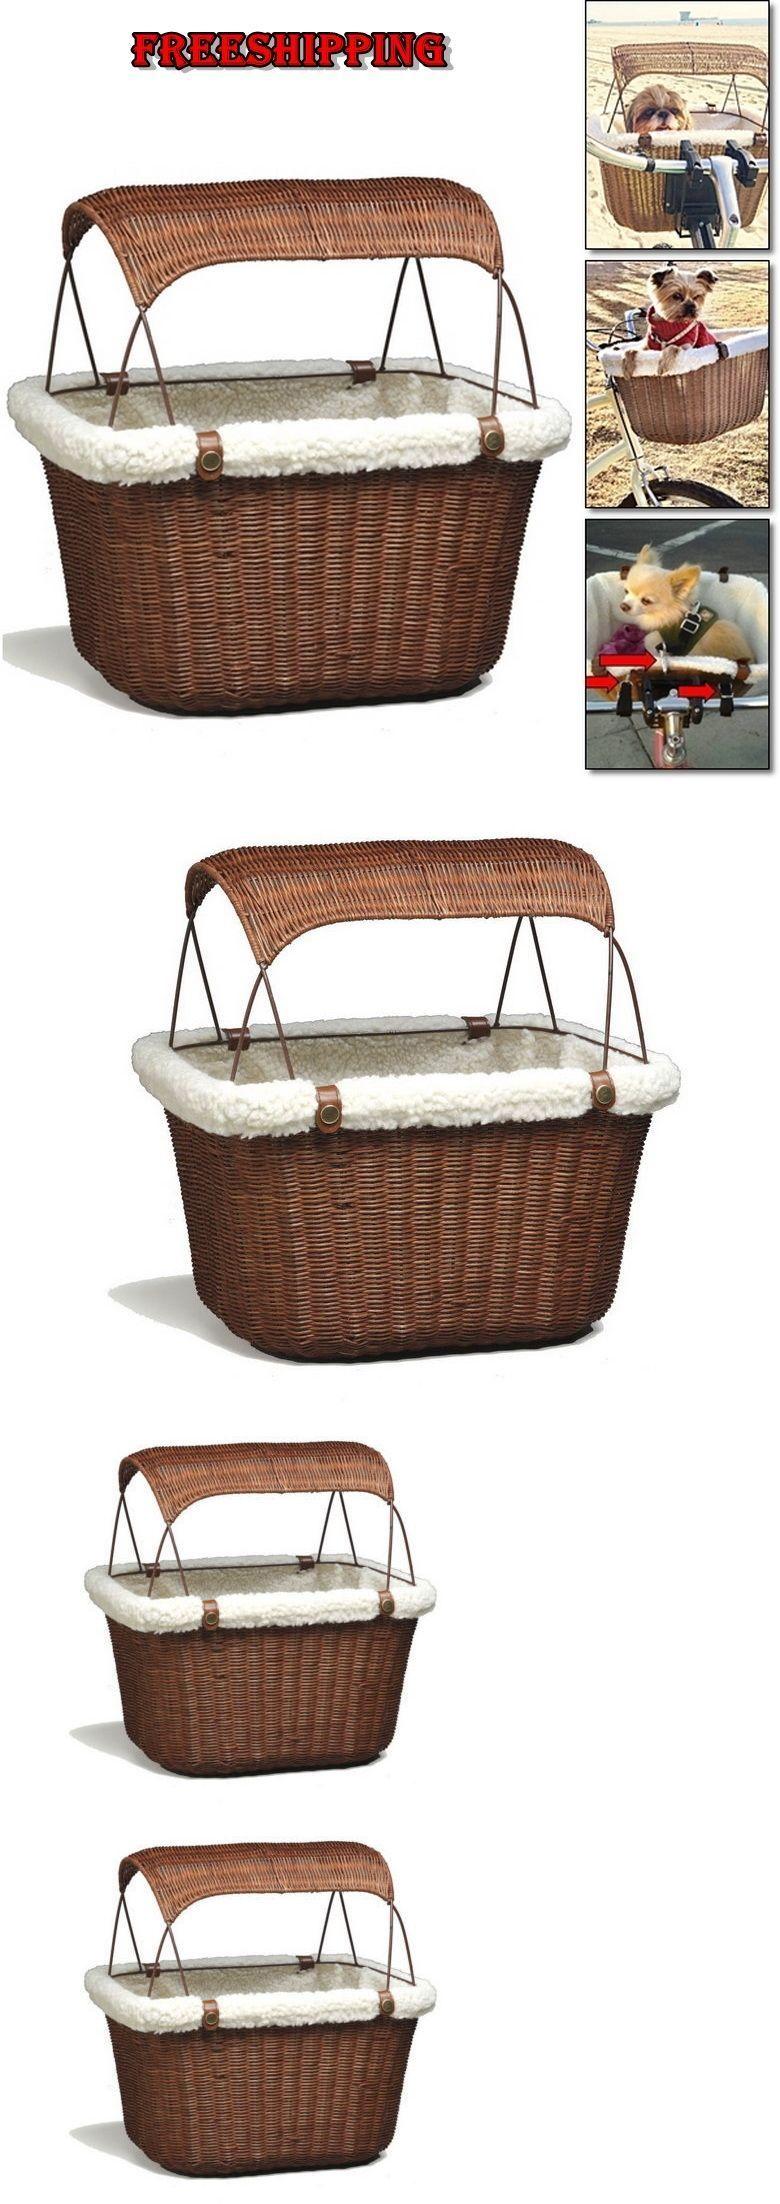 Bike baskets and trailers pets wicker rattan storage bike